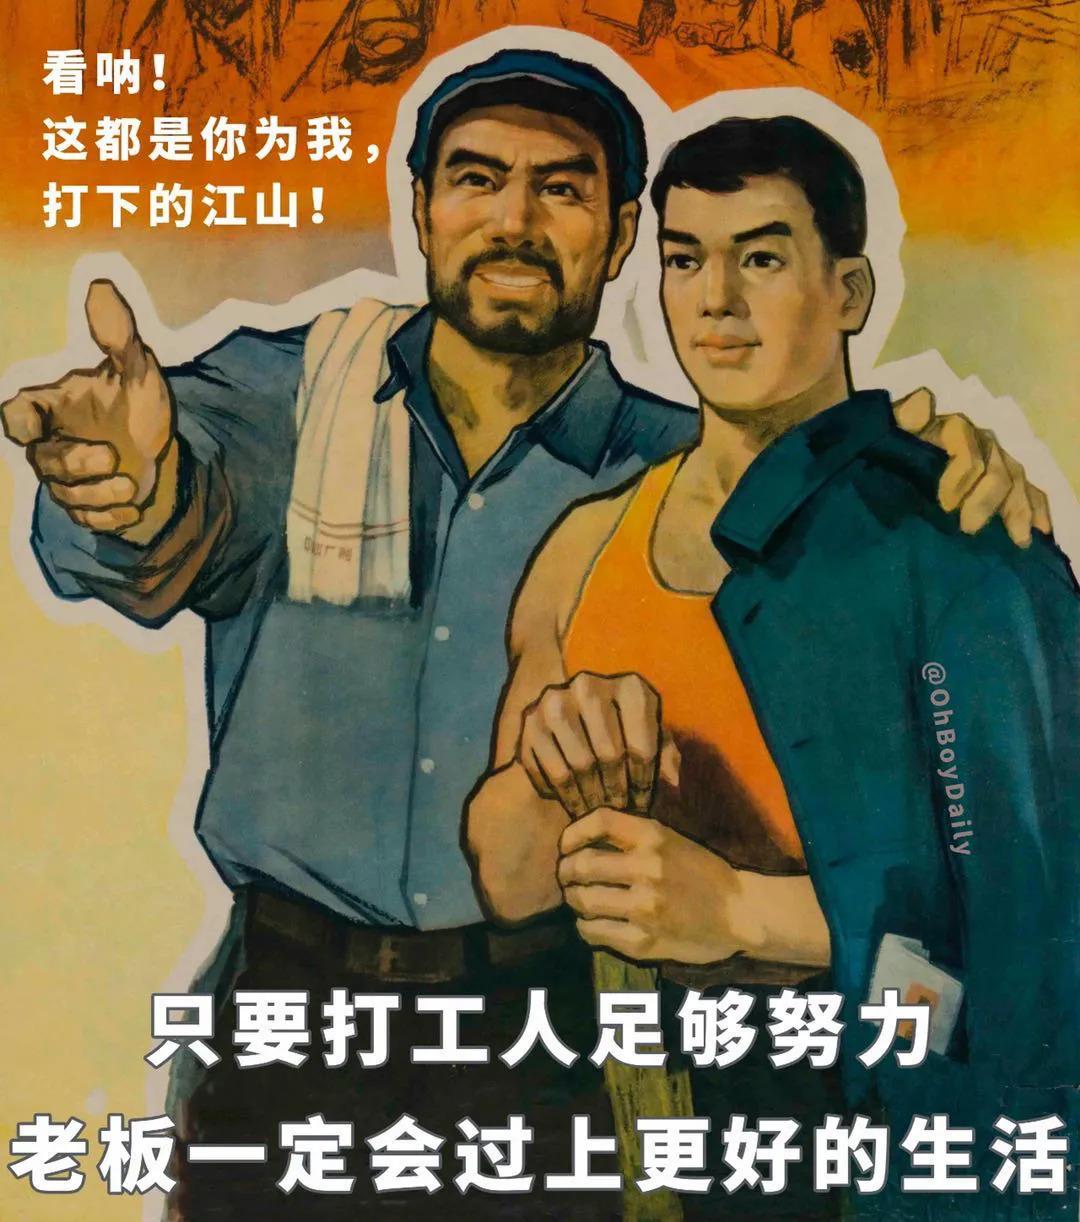 从社畜到打工人,青年亚文化不丧了?